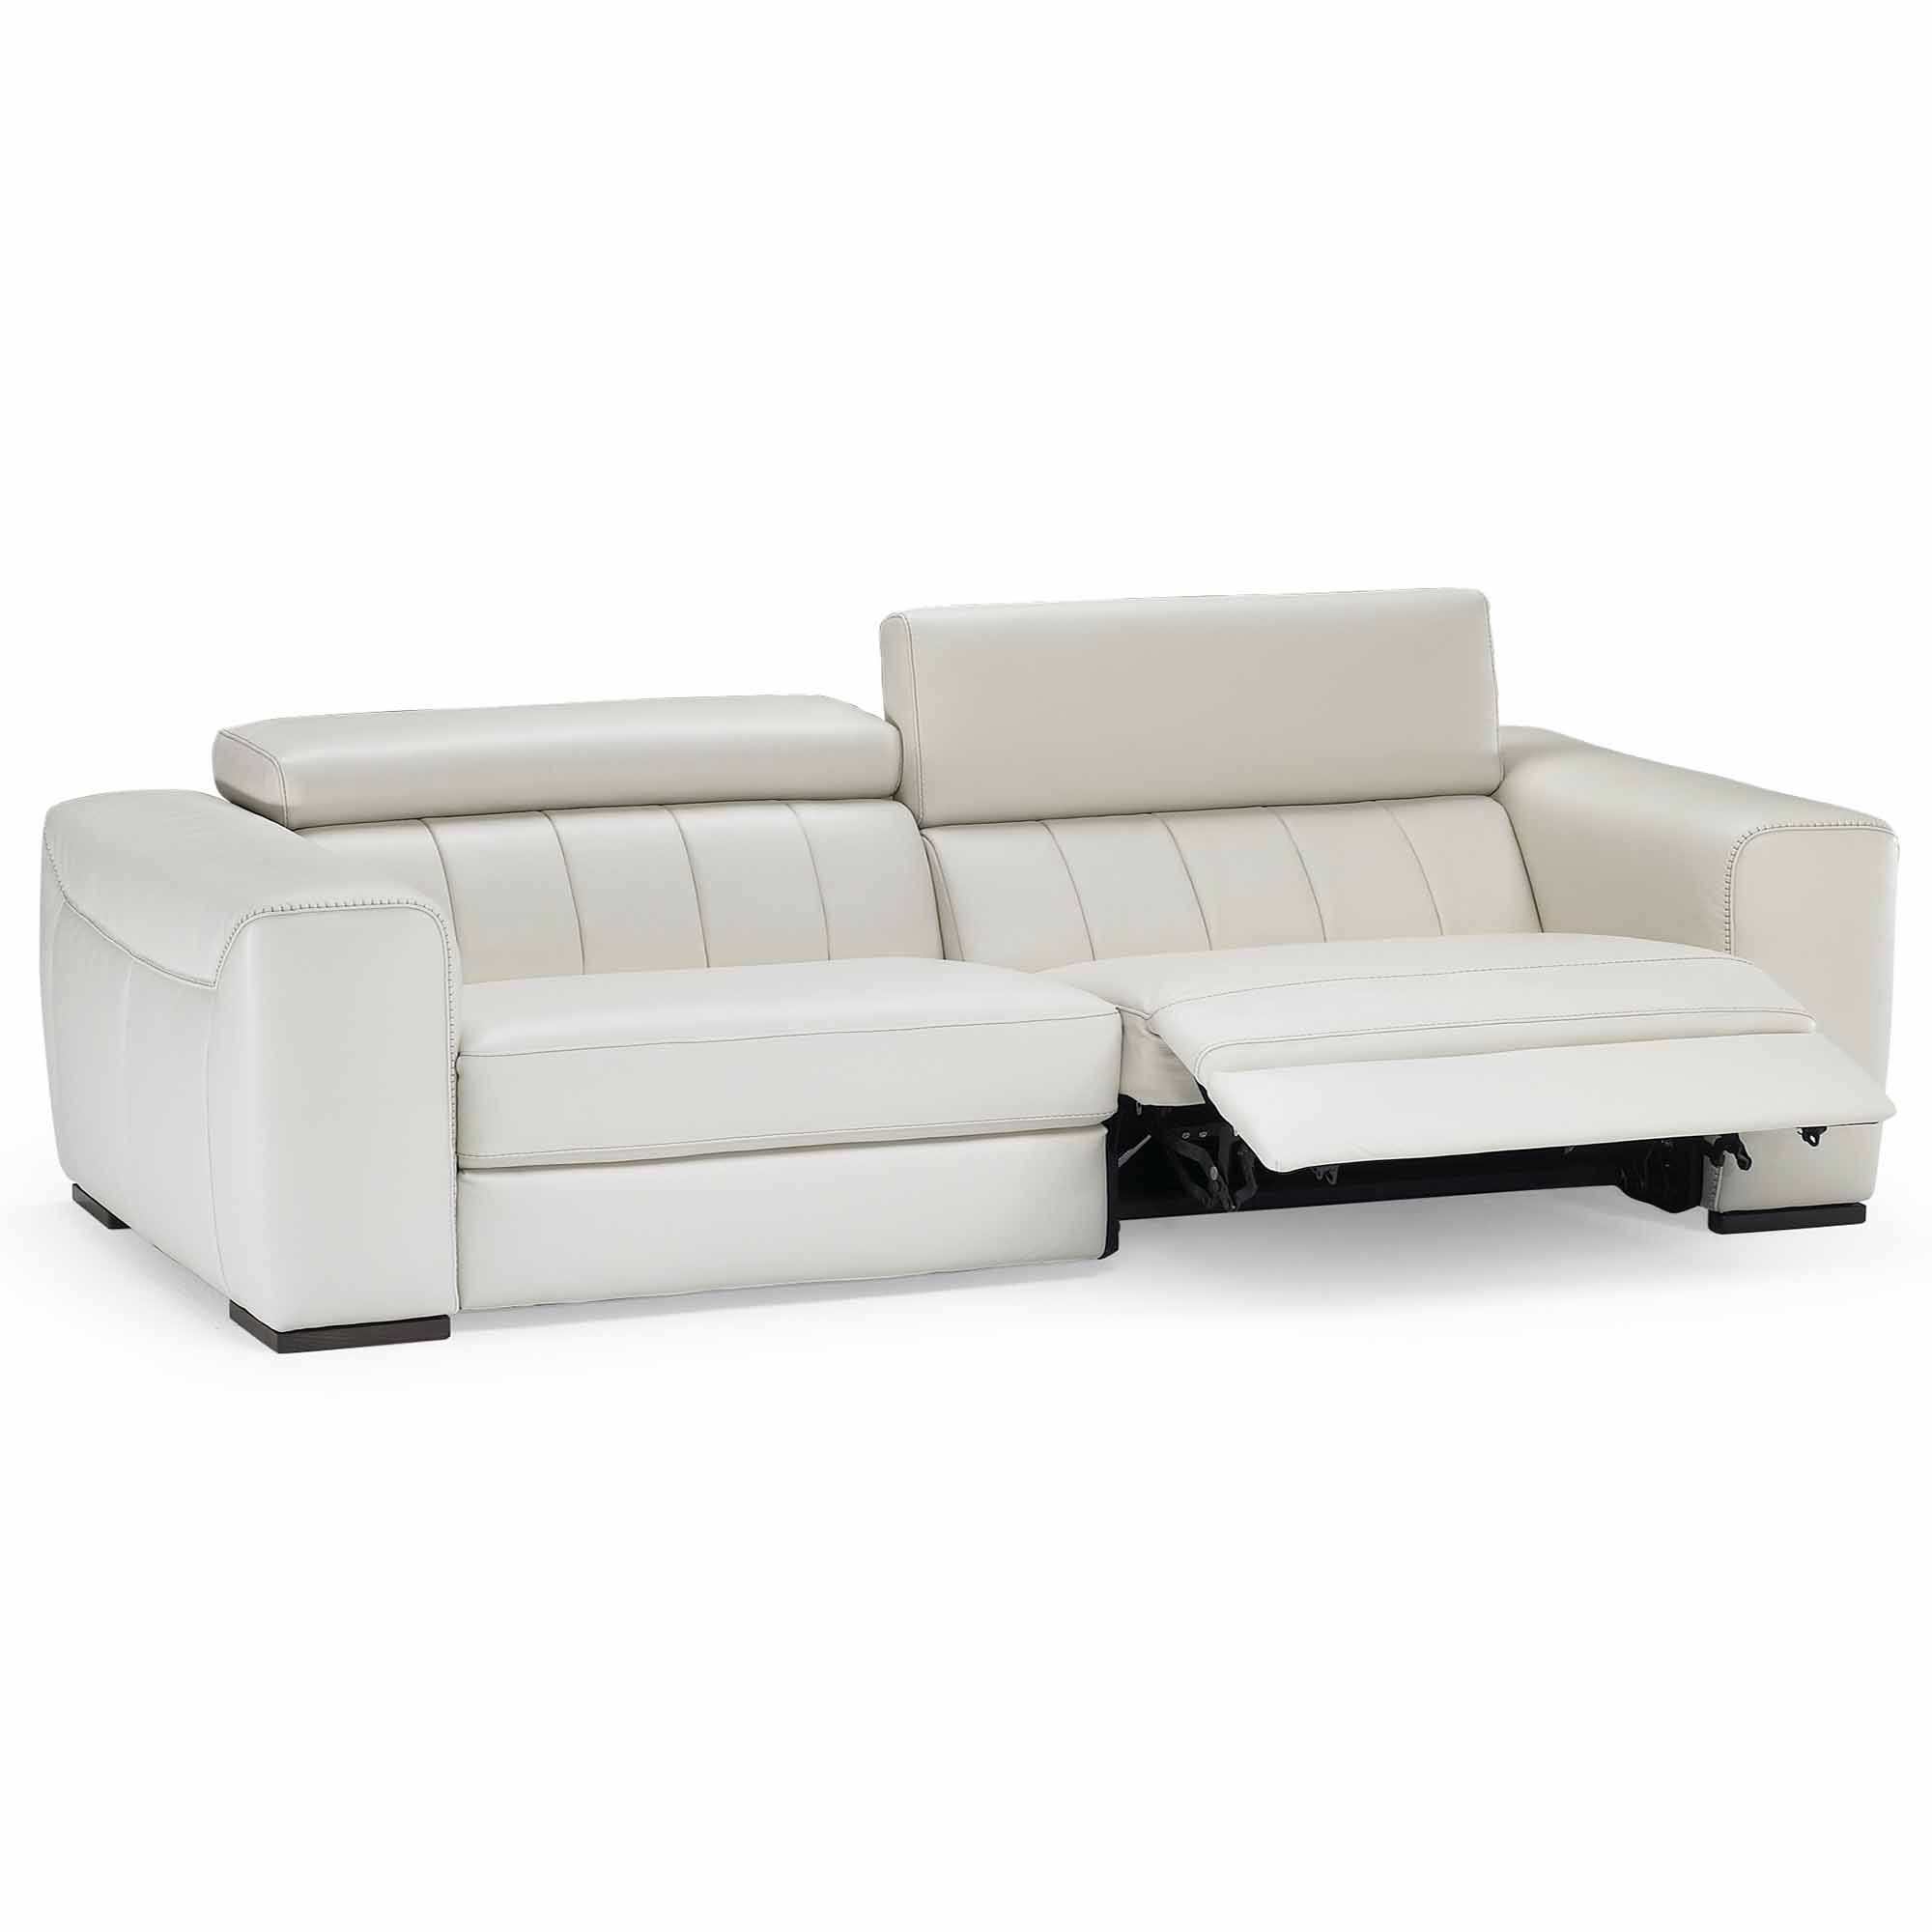 Natuzzi Editions Zanotti 3 Seater Electric Reclining Sofa